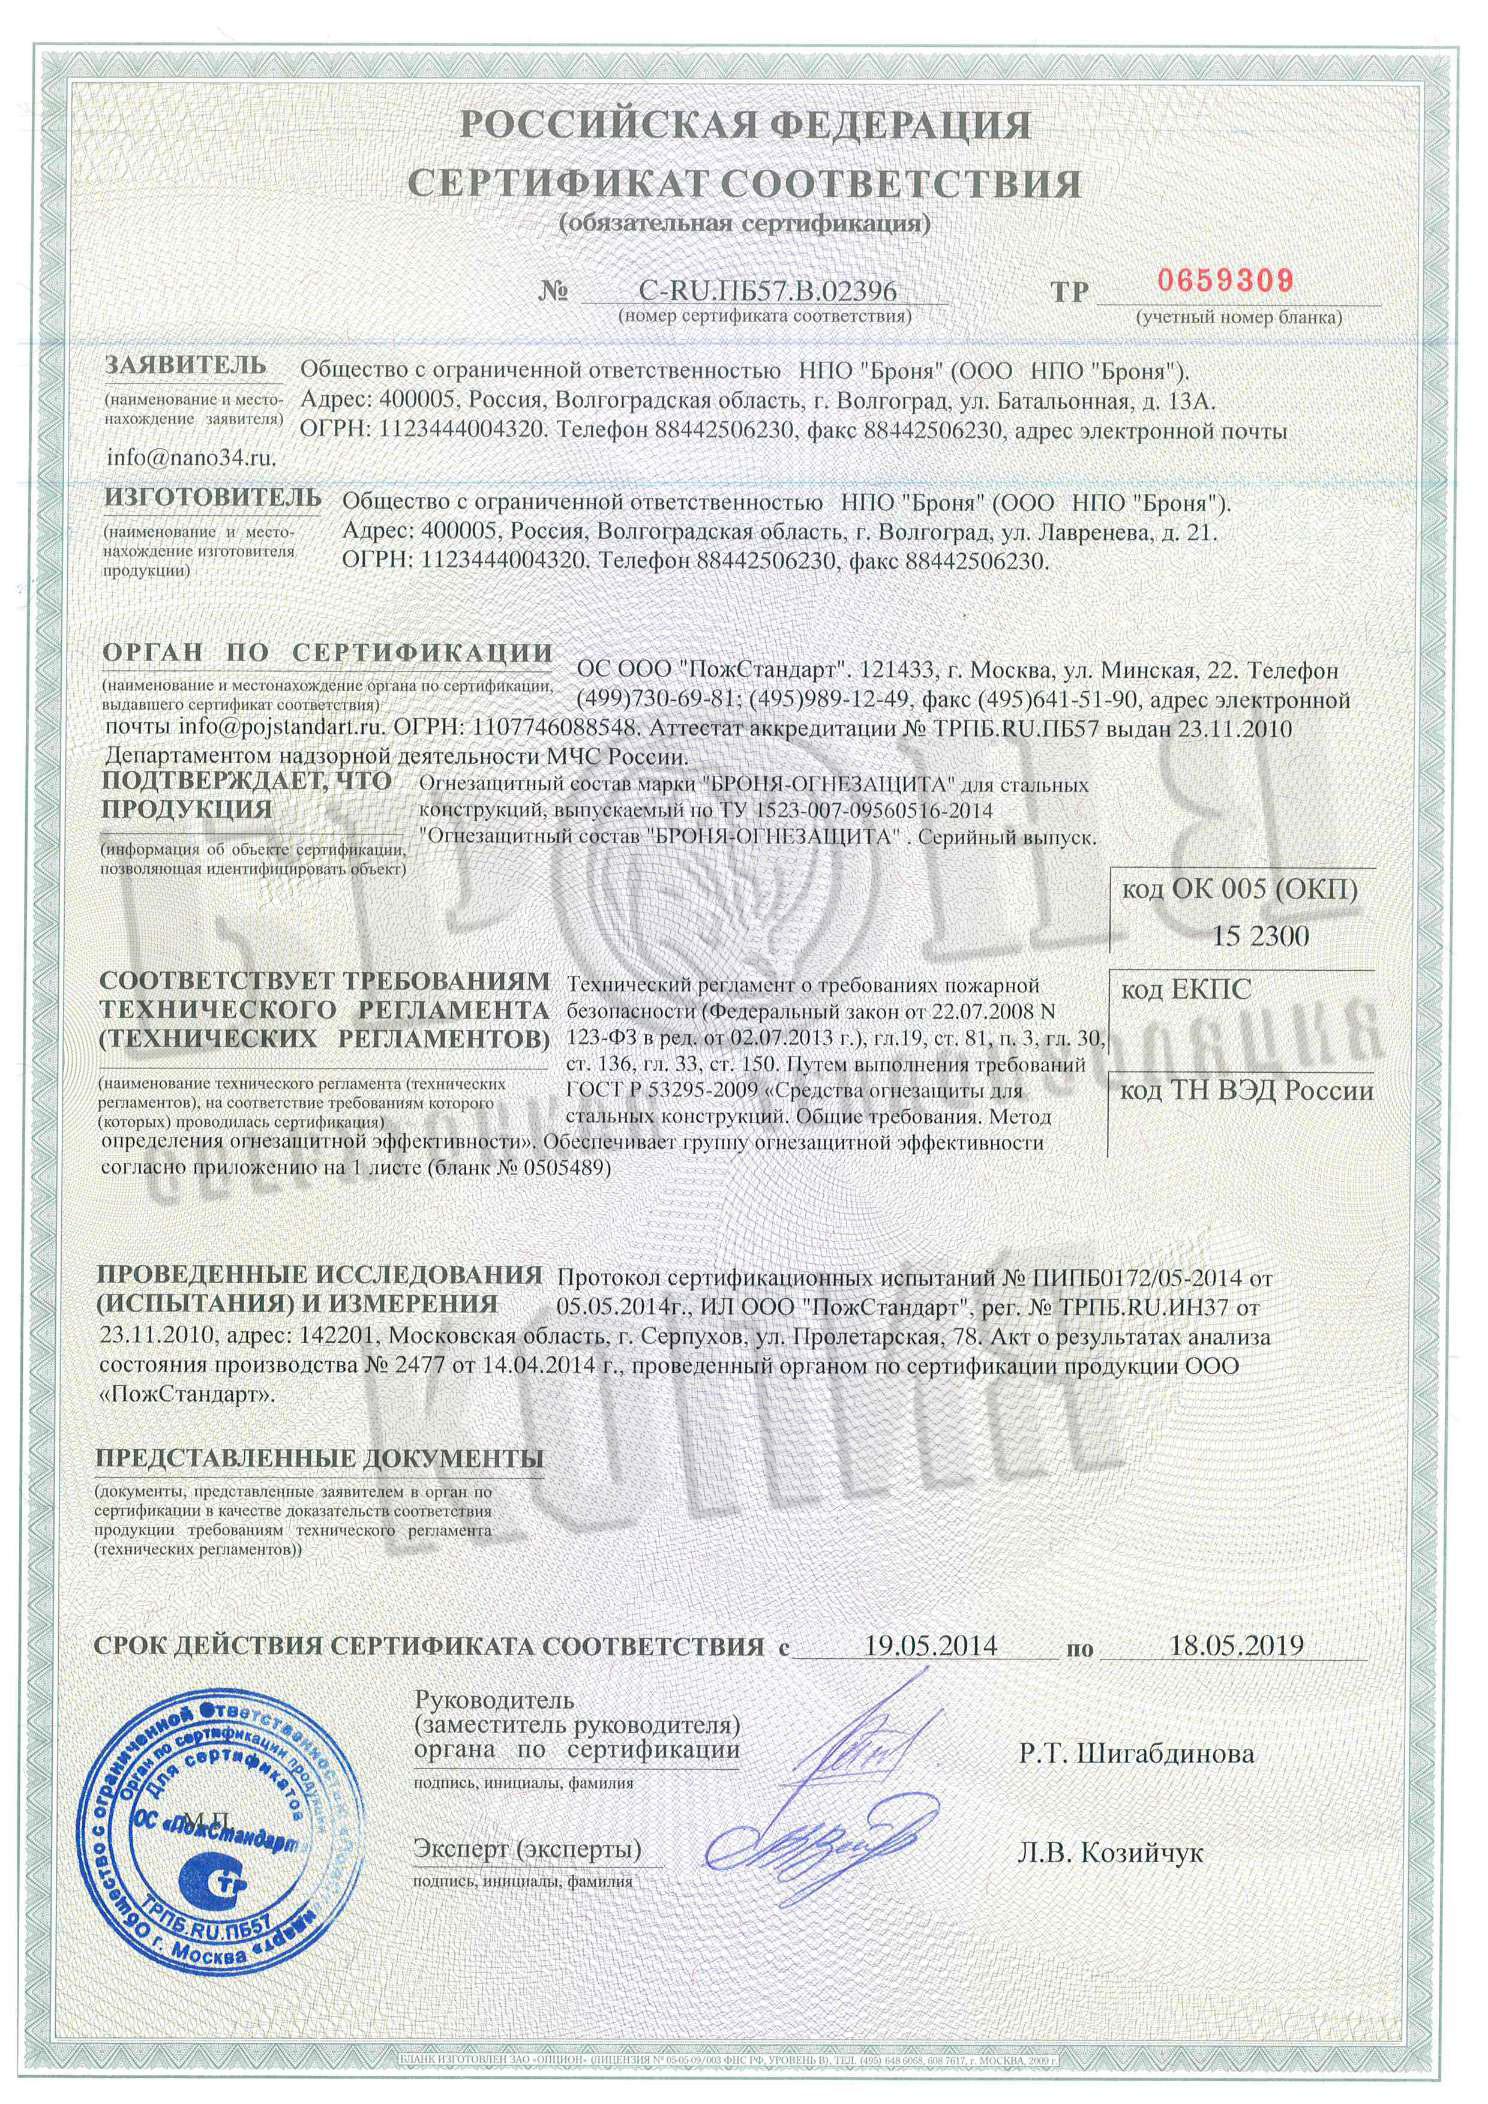 сертификат соответствия на антипирены